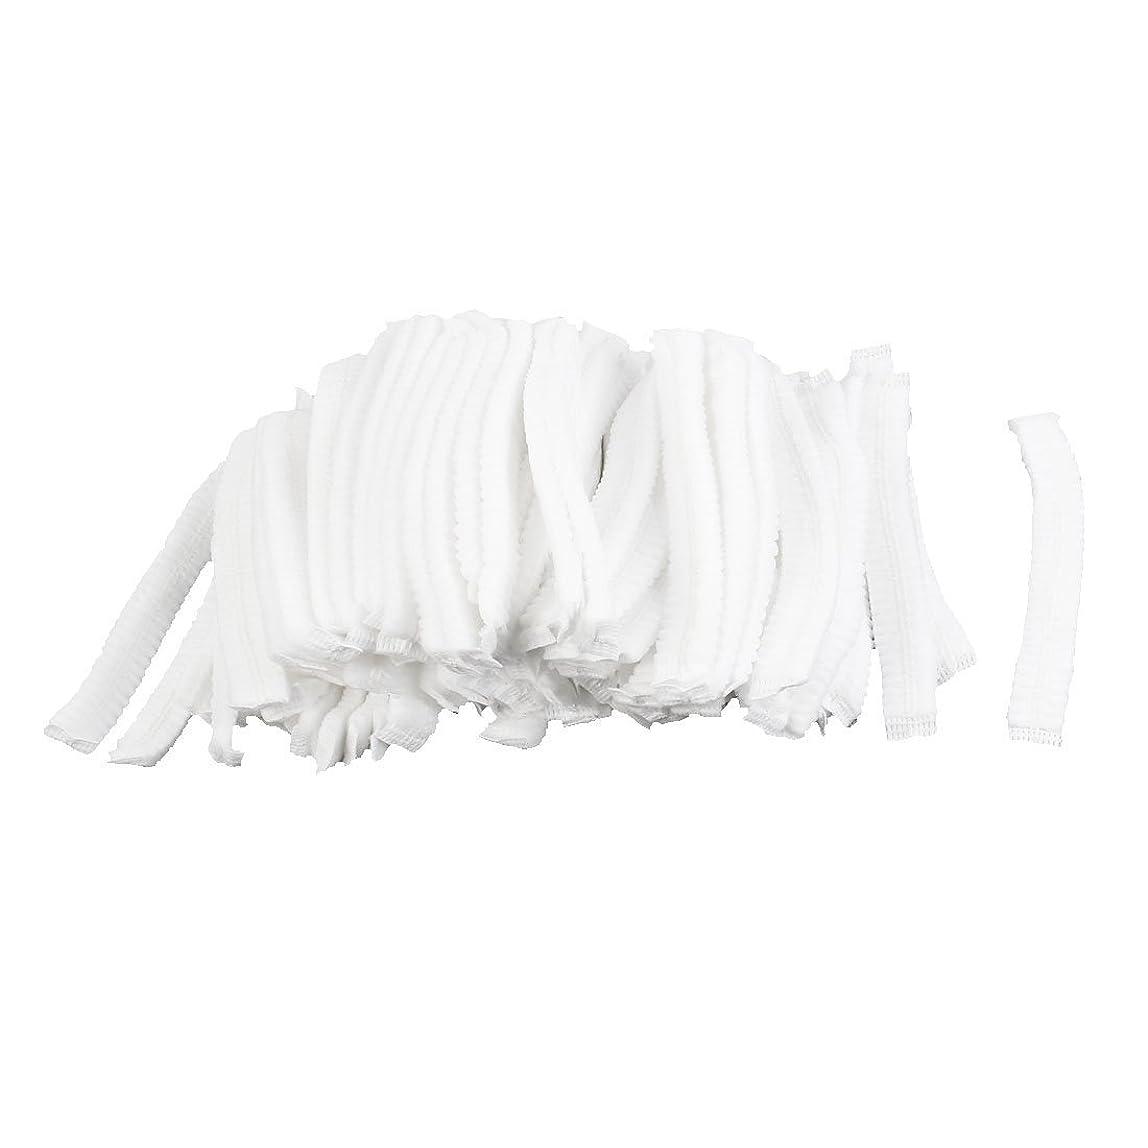 休日倒産土地uxcell シャワーキャップ 白い 不織布 使い捨て 防塵 100個入り